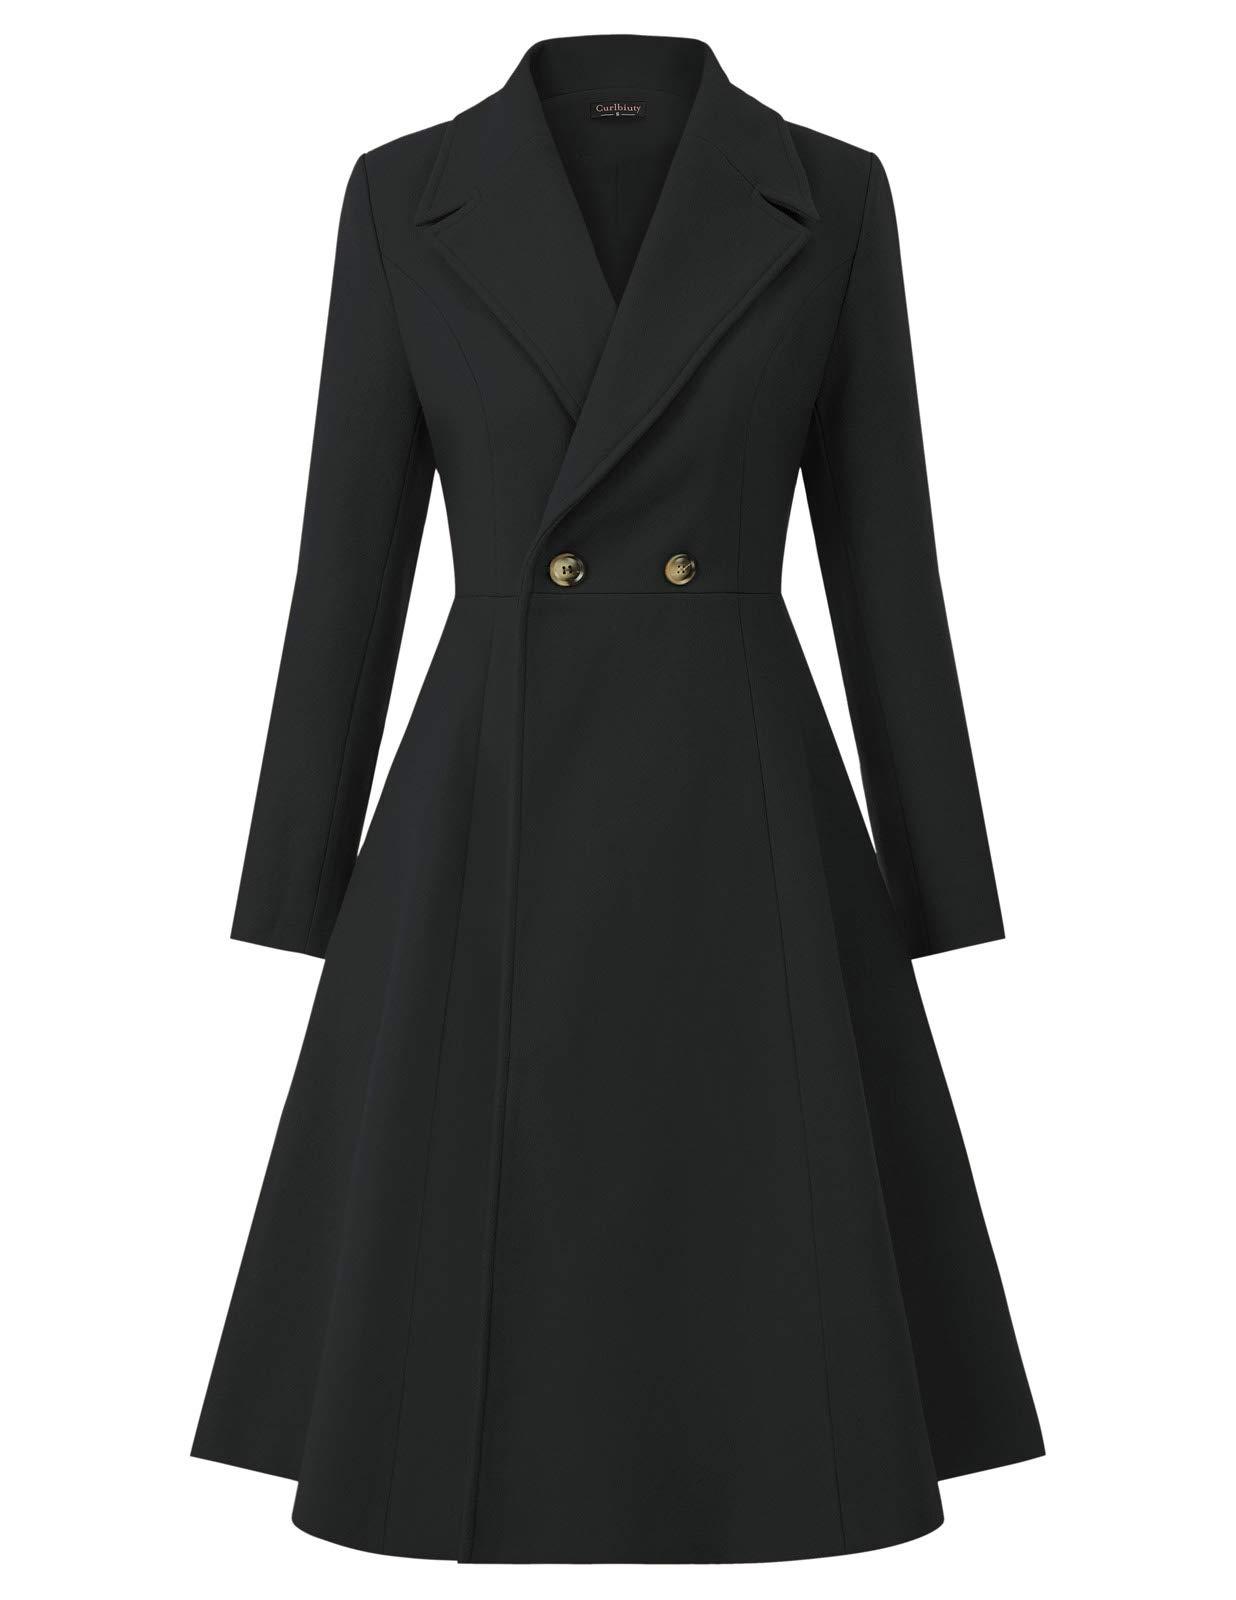 CURLBIUTY Women Swing Double Breasted Wool Pea Coat Winter Long Overcoat Jacket